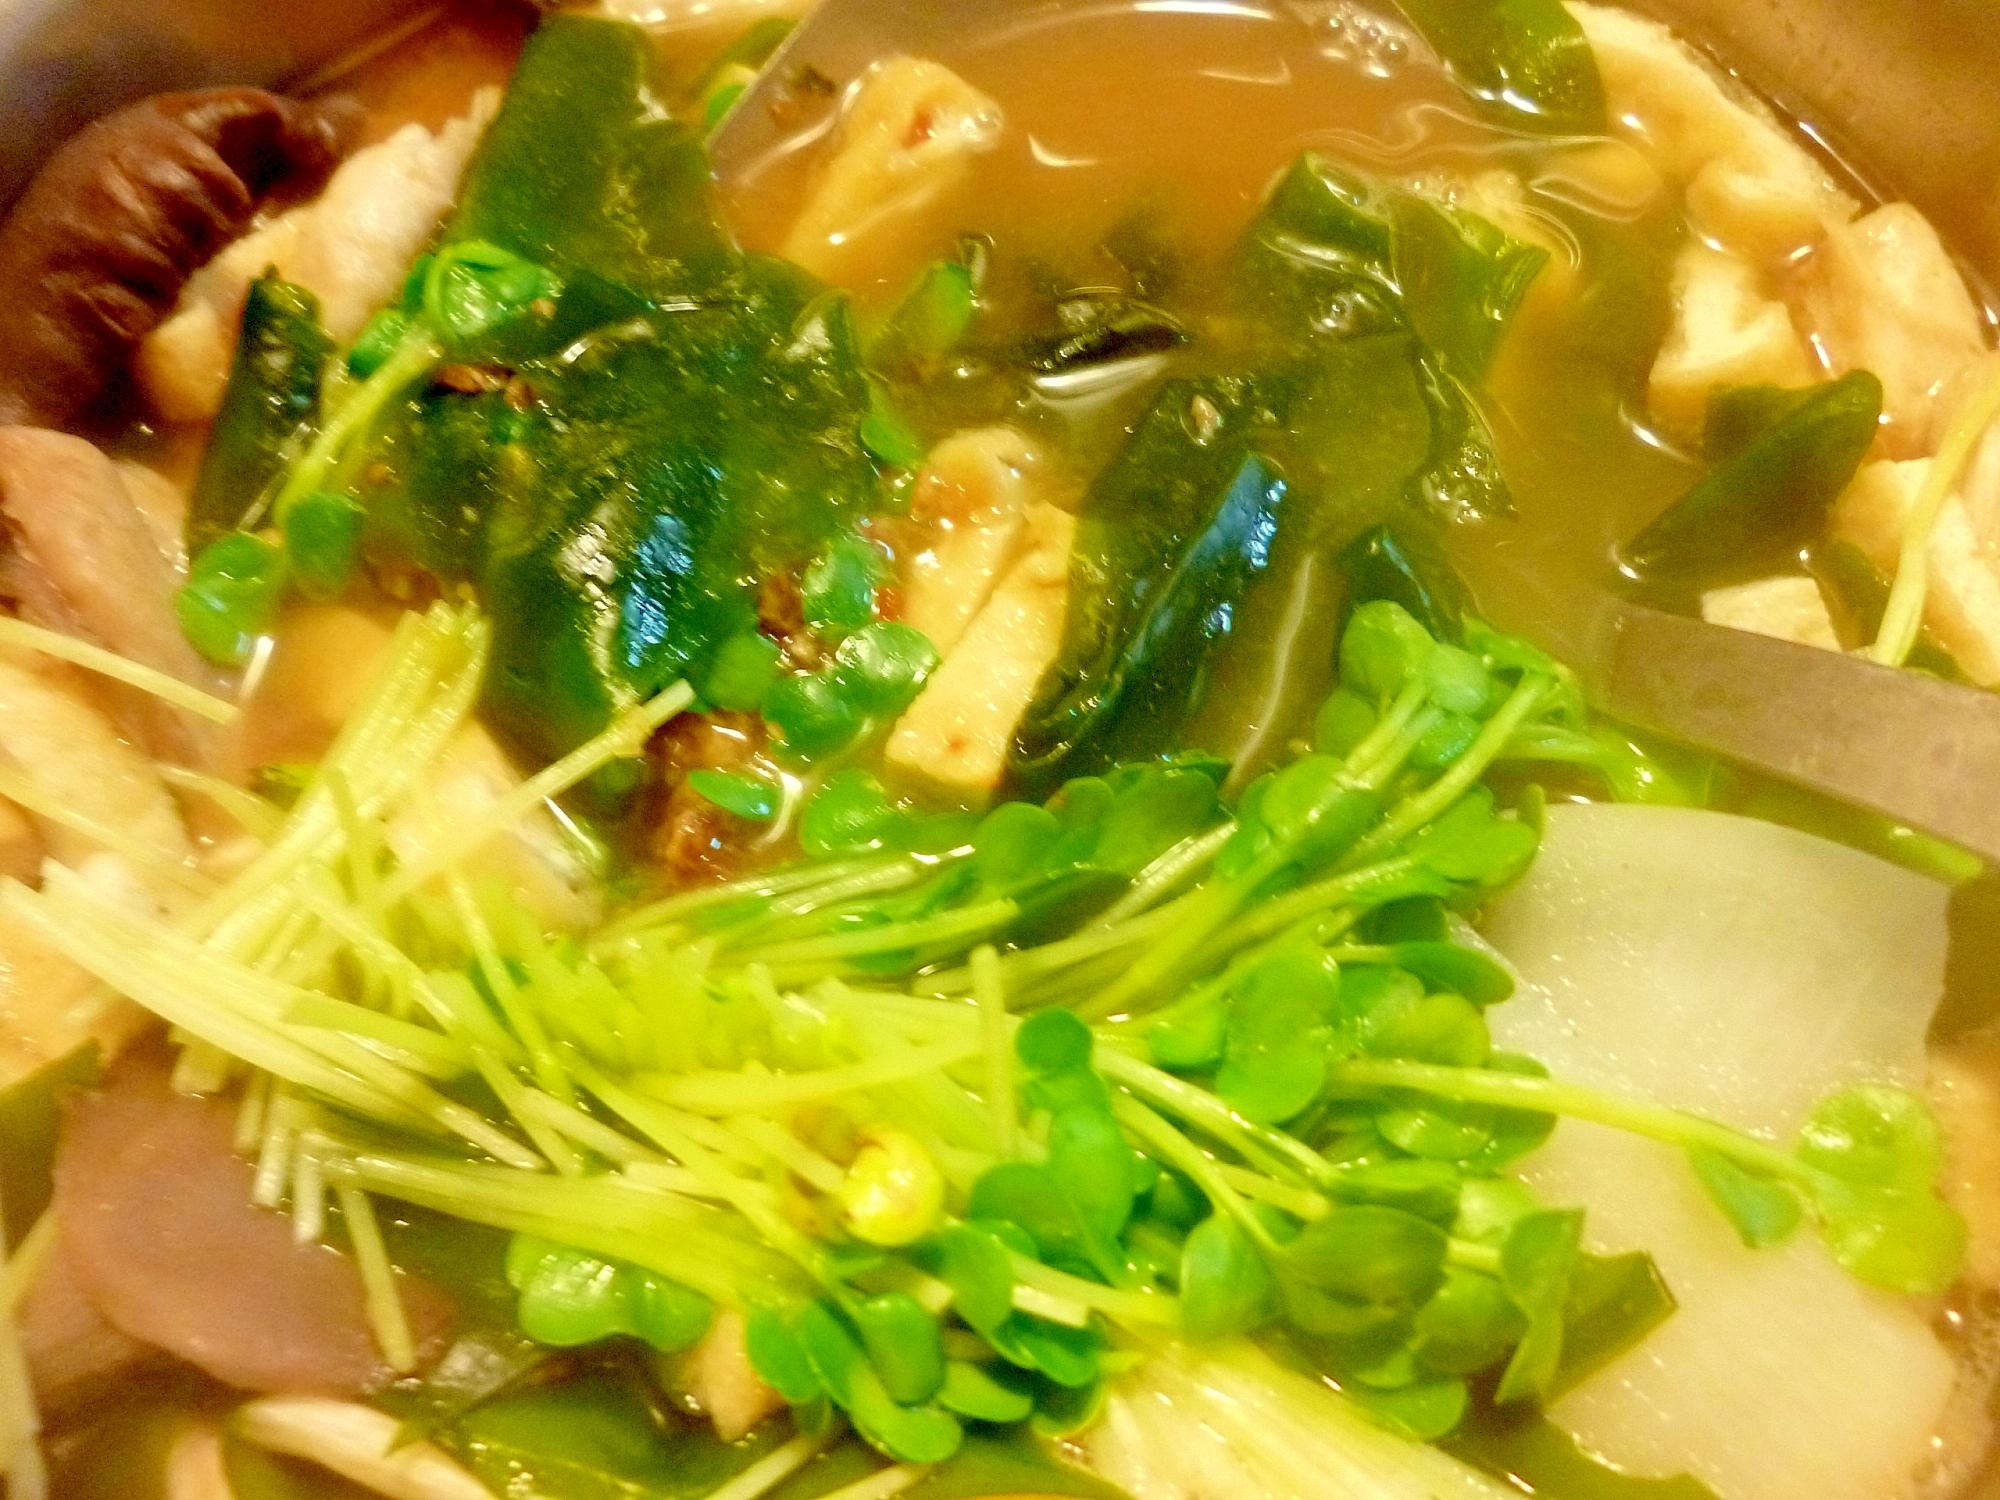 わかめ・刻み揚げ・ヒラタケ・貝割れ・大根の味噌汁